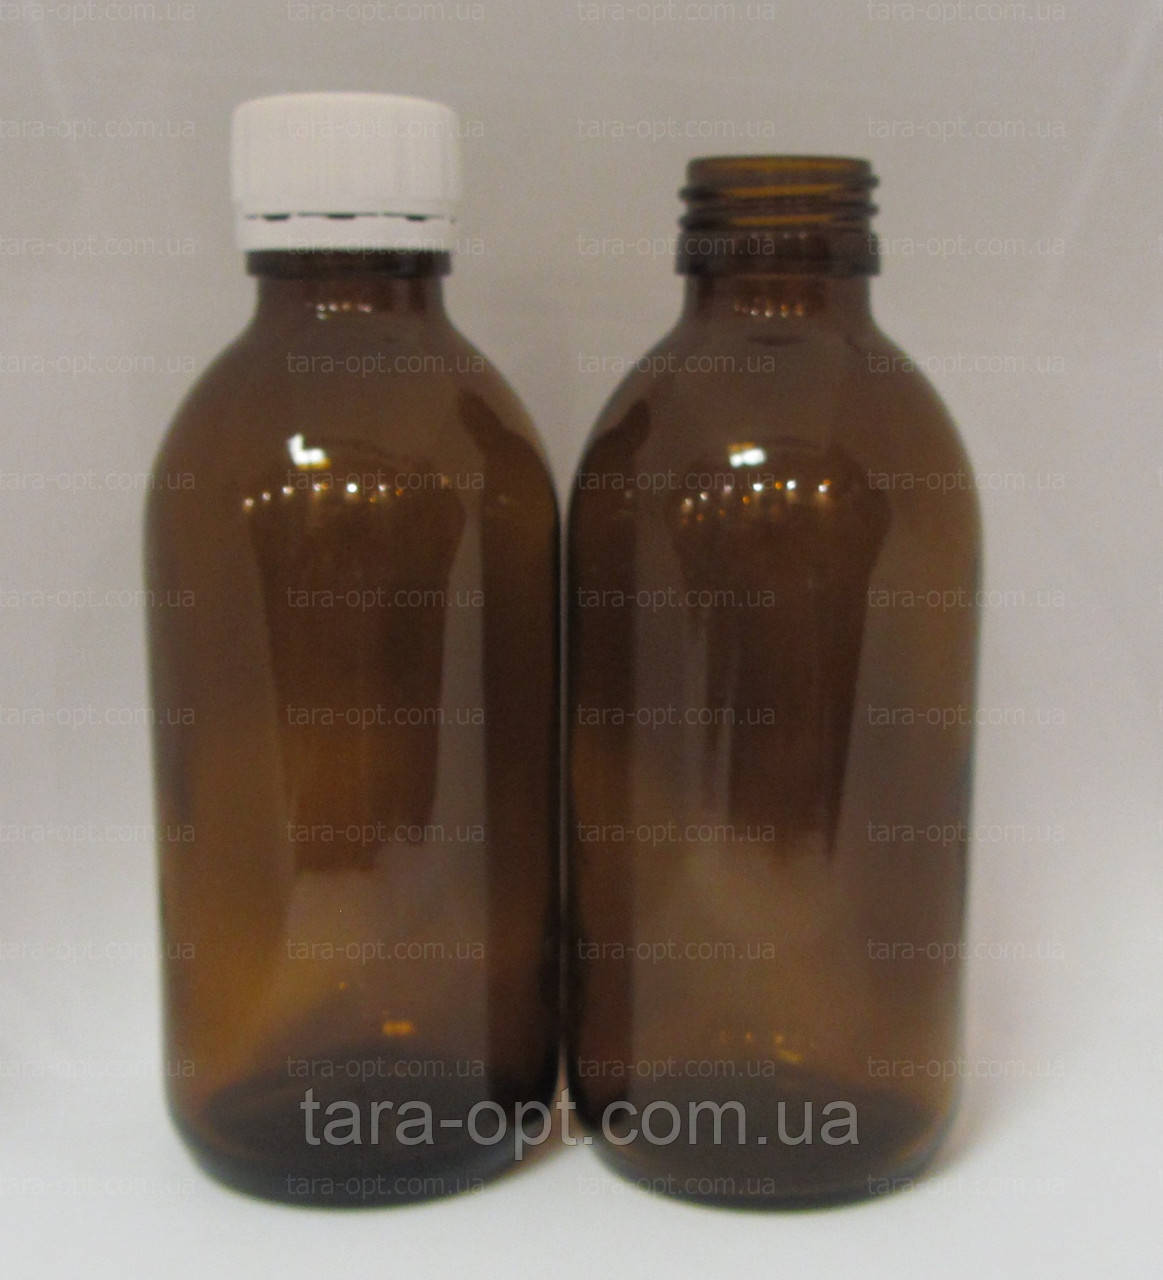 Флакон скляний 200 мл пляшка скло, (Ціна від 9 грн)*